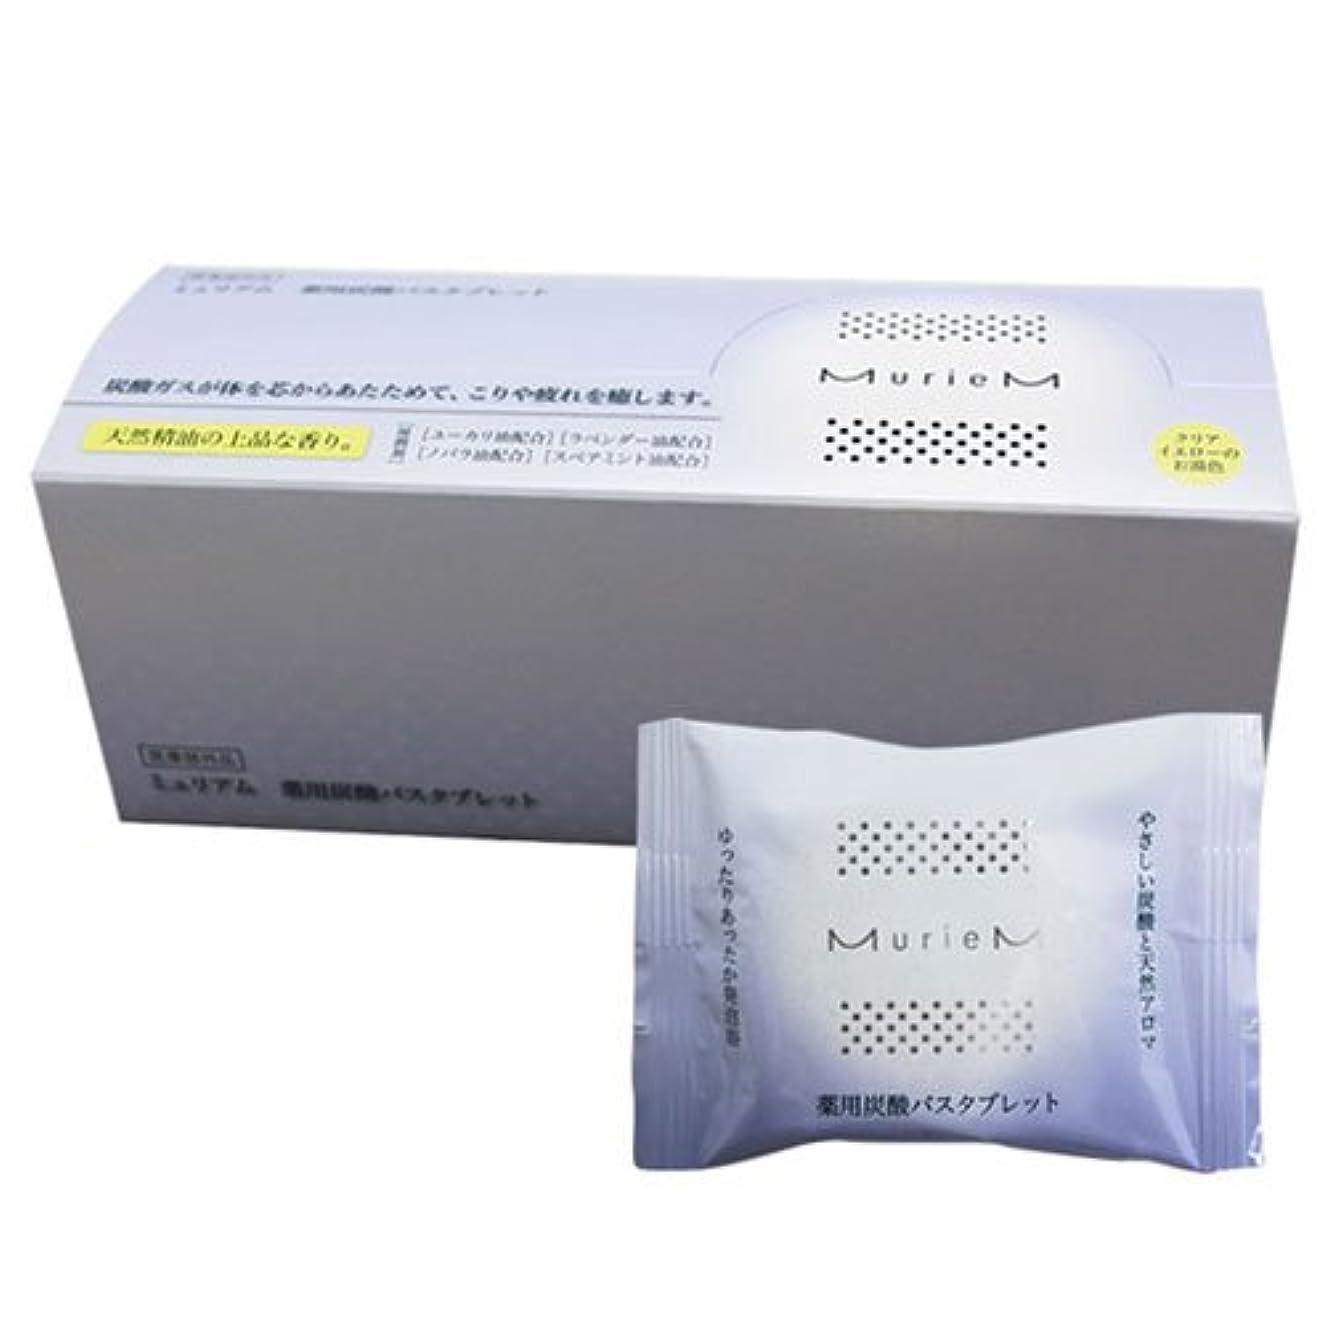 現代樹木好意的ナンバースリー ミュリアム 薬用炭酸バスタブレット 30g×10包 [医薬部外品]